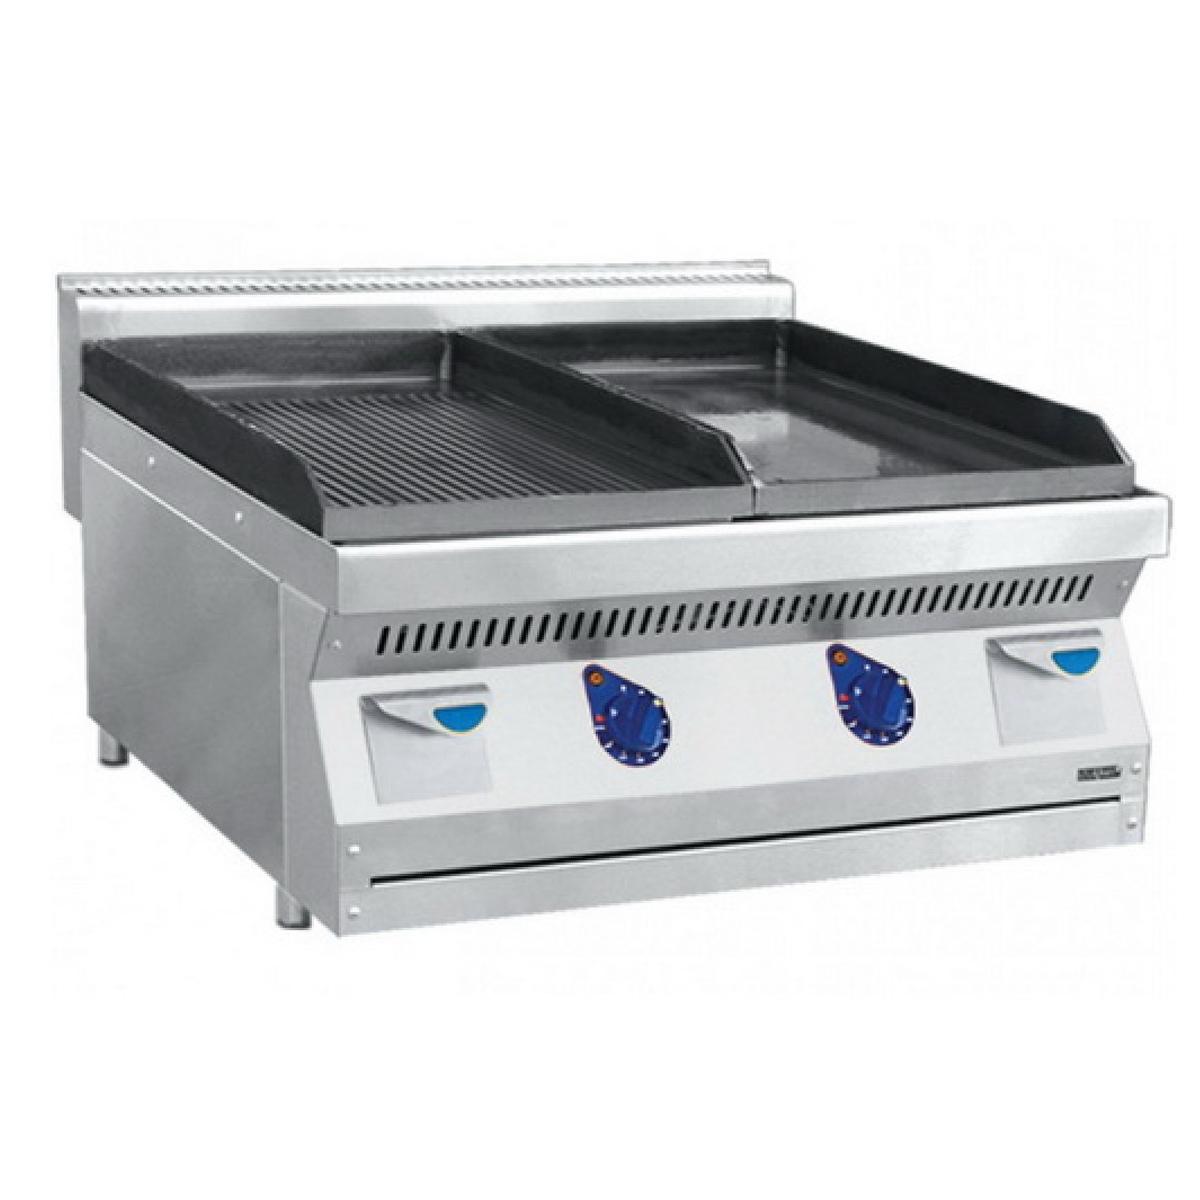 product-apparat-kontaktnoy-obrabotki-ako-80n-nastolniy_1670f82323842039685016bd81b71c62-3.jpg